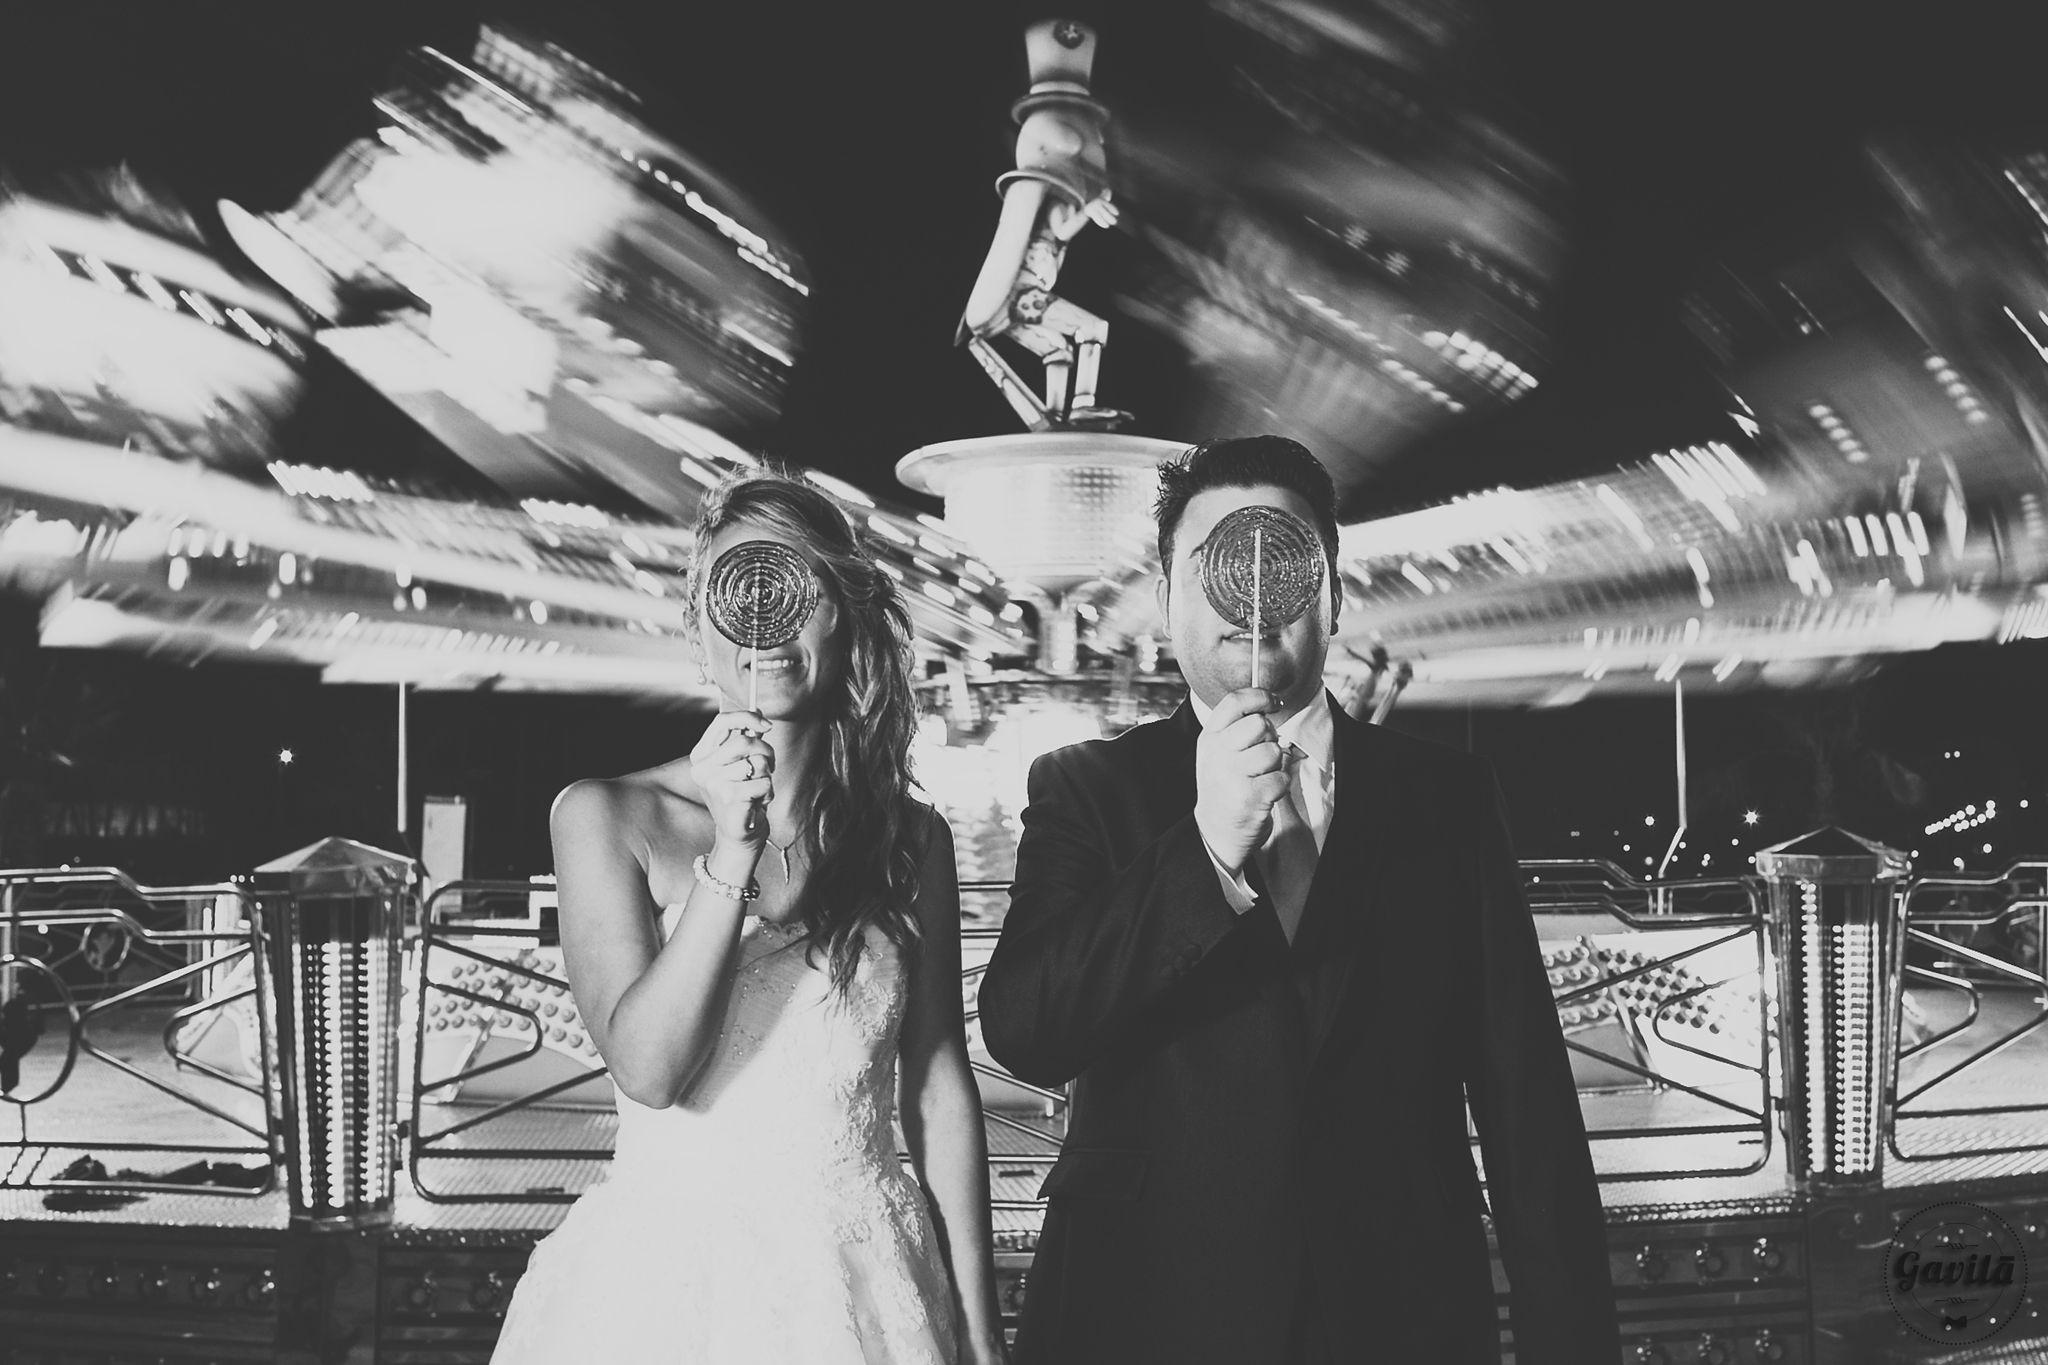 Foto del postboda de Oscar y Sonia en Dénia. Postboda realizado por la noche. Fotos diferentes para novios diferentes. Gavilà fotografía, fotos de boda sin posados. www.gavilafotografia.com